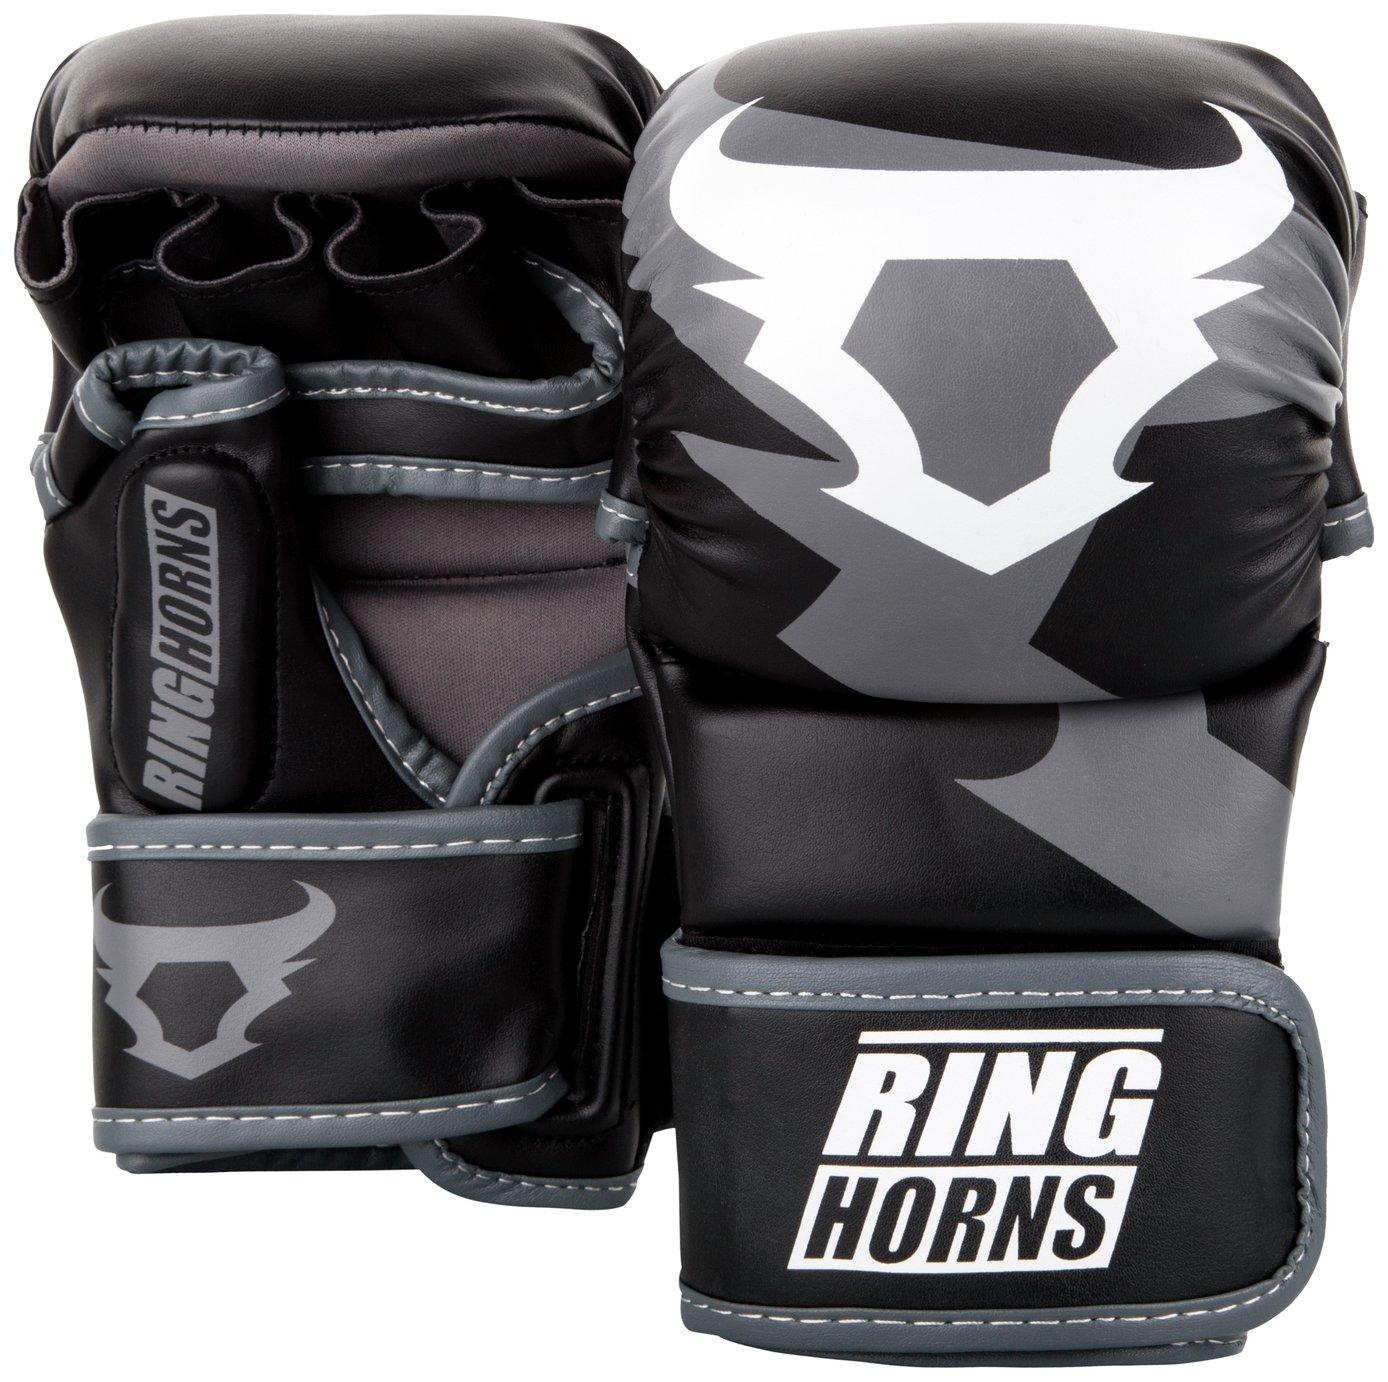 Venum Ringhorns Charger Black Sparring Boxing Gloves